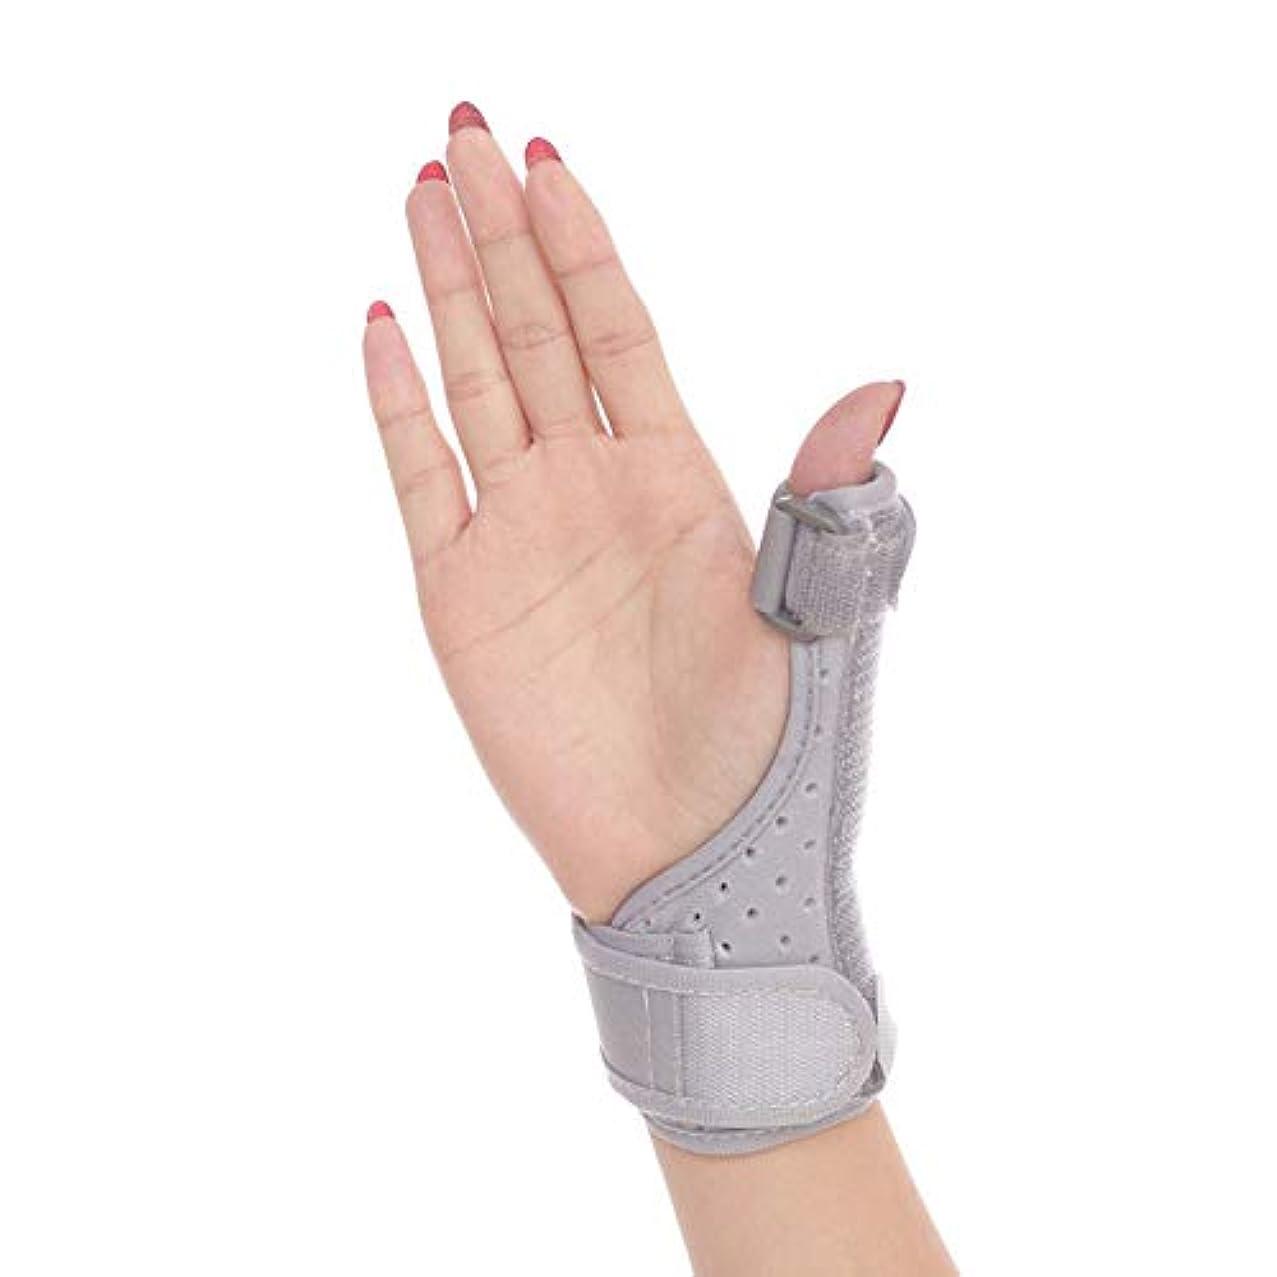 反抗言うまでもなくパレード手首の親指の指の副木、関節炎、腱炎、手根管の痛みの軽減、軽量で 調節可能なサイズに適しています